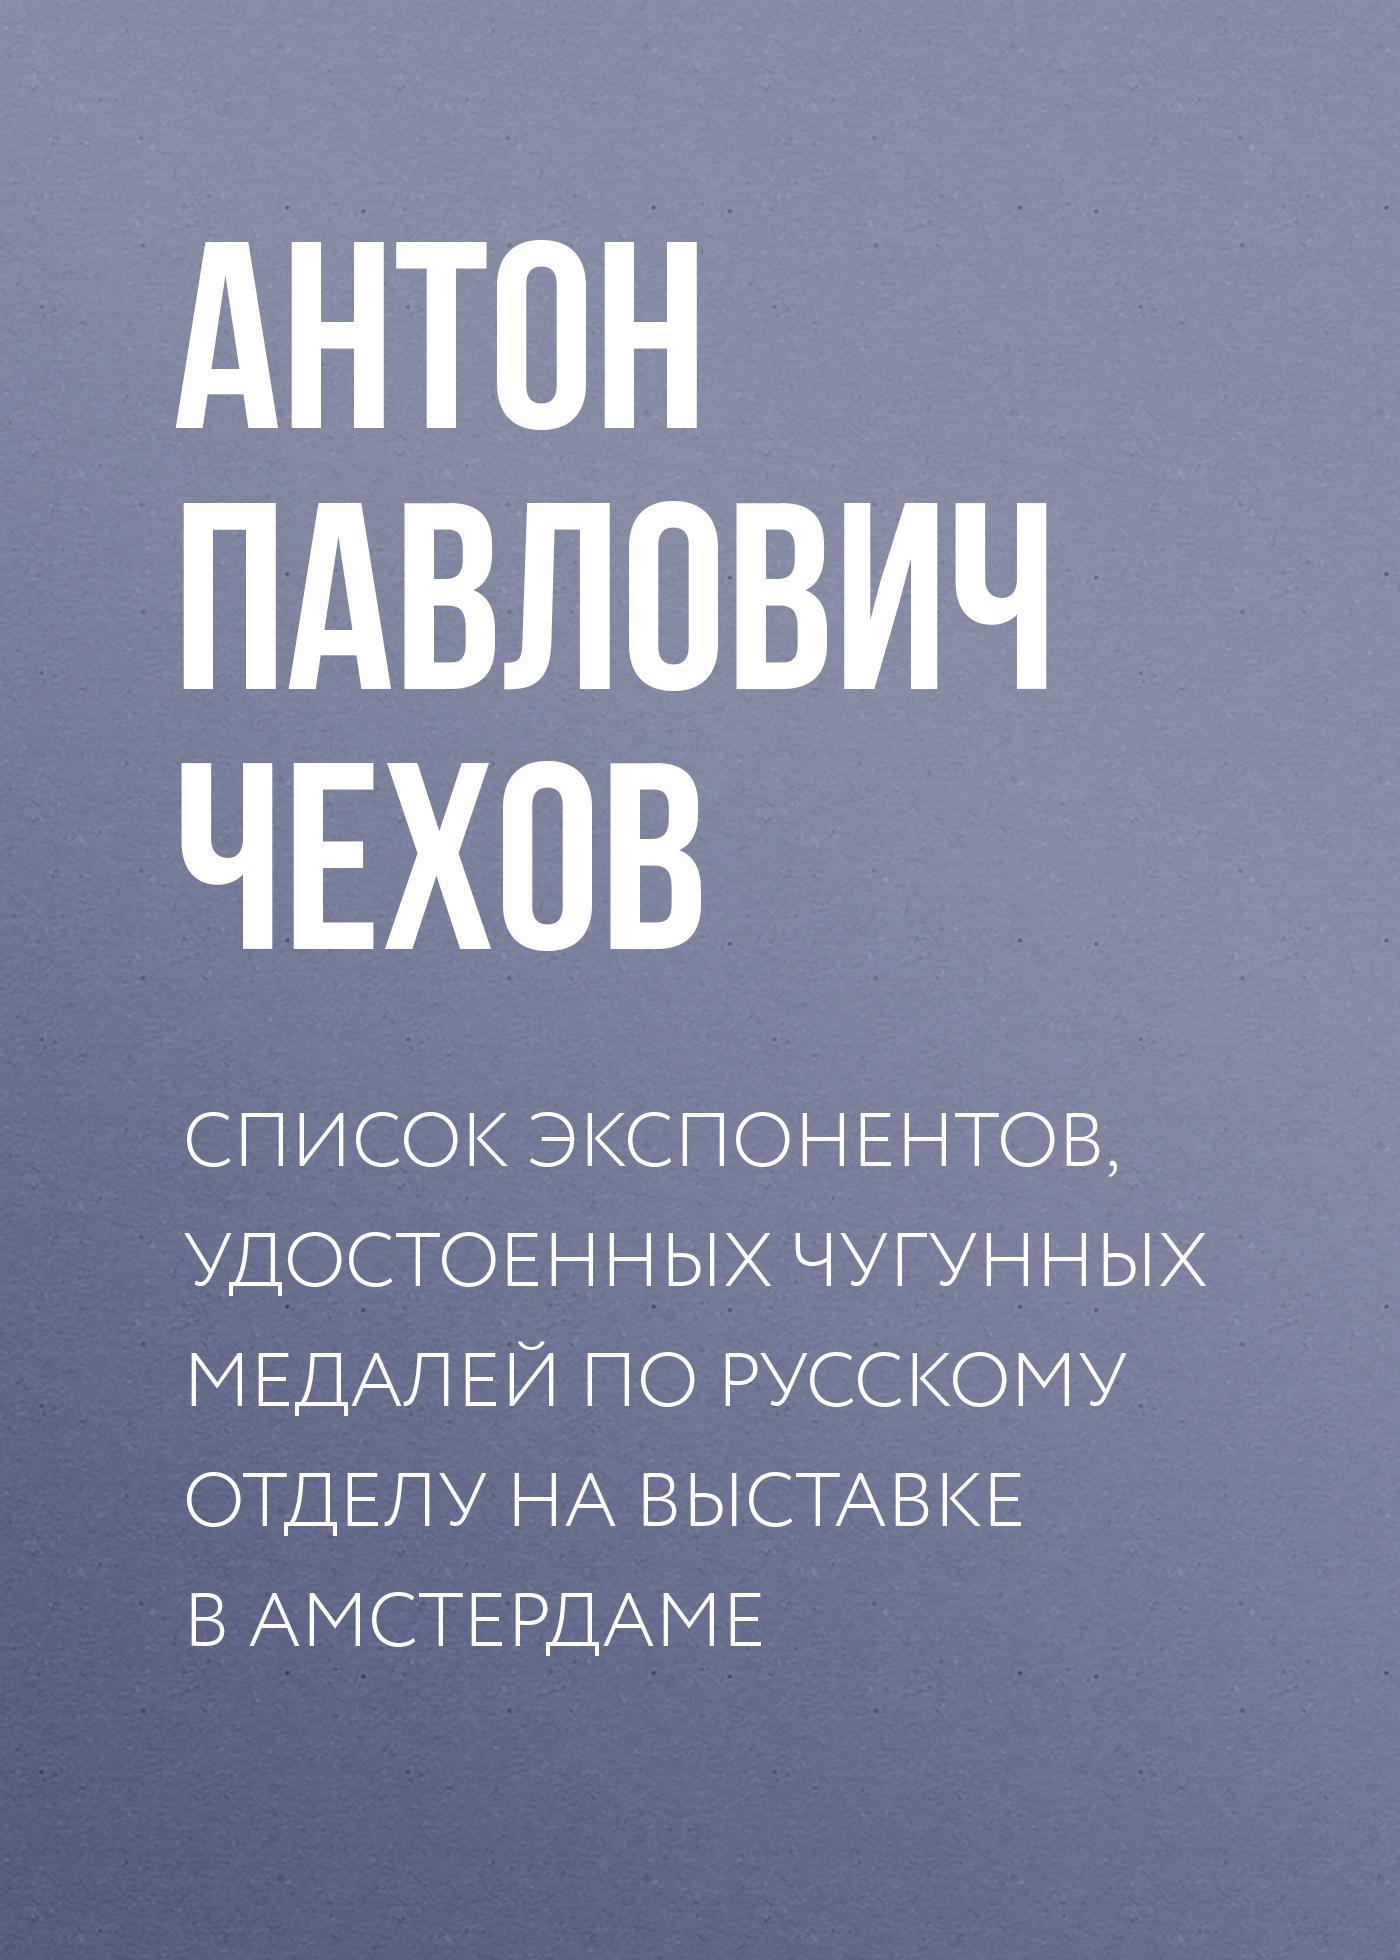 spisok eksponentov udostoennykh chugunnykh medaley po russkomu otdelu na vystavke v amsterdame